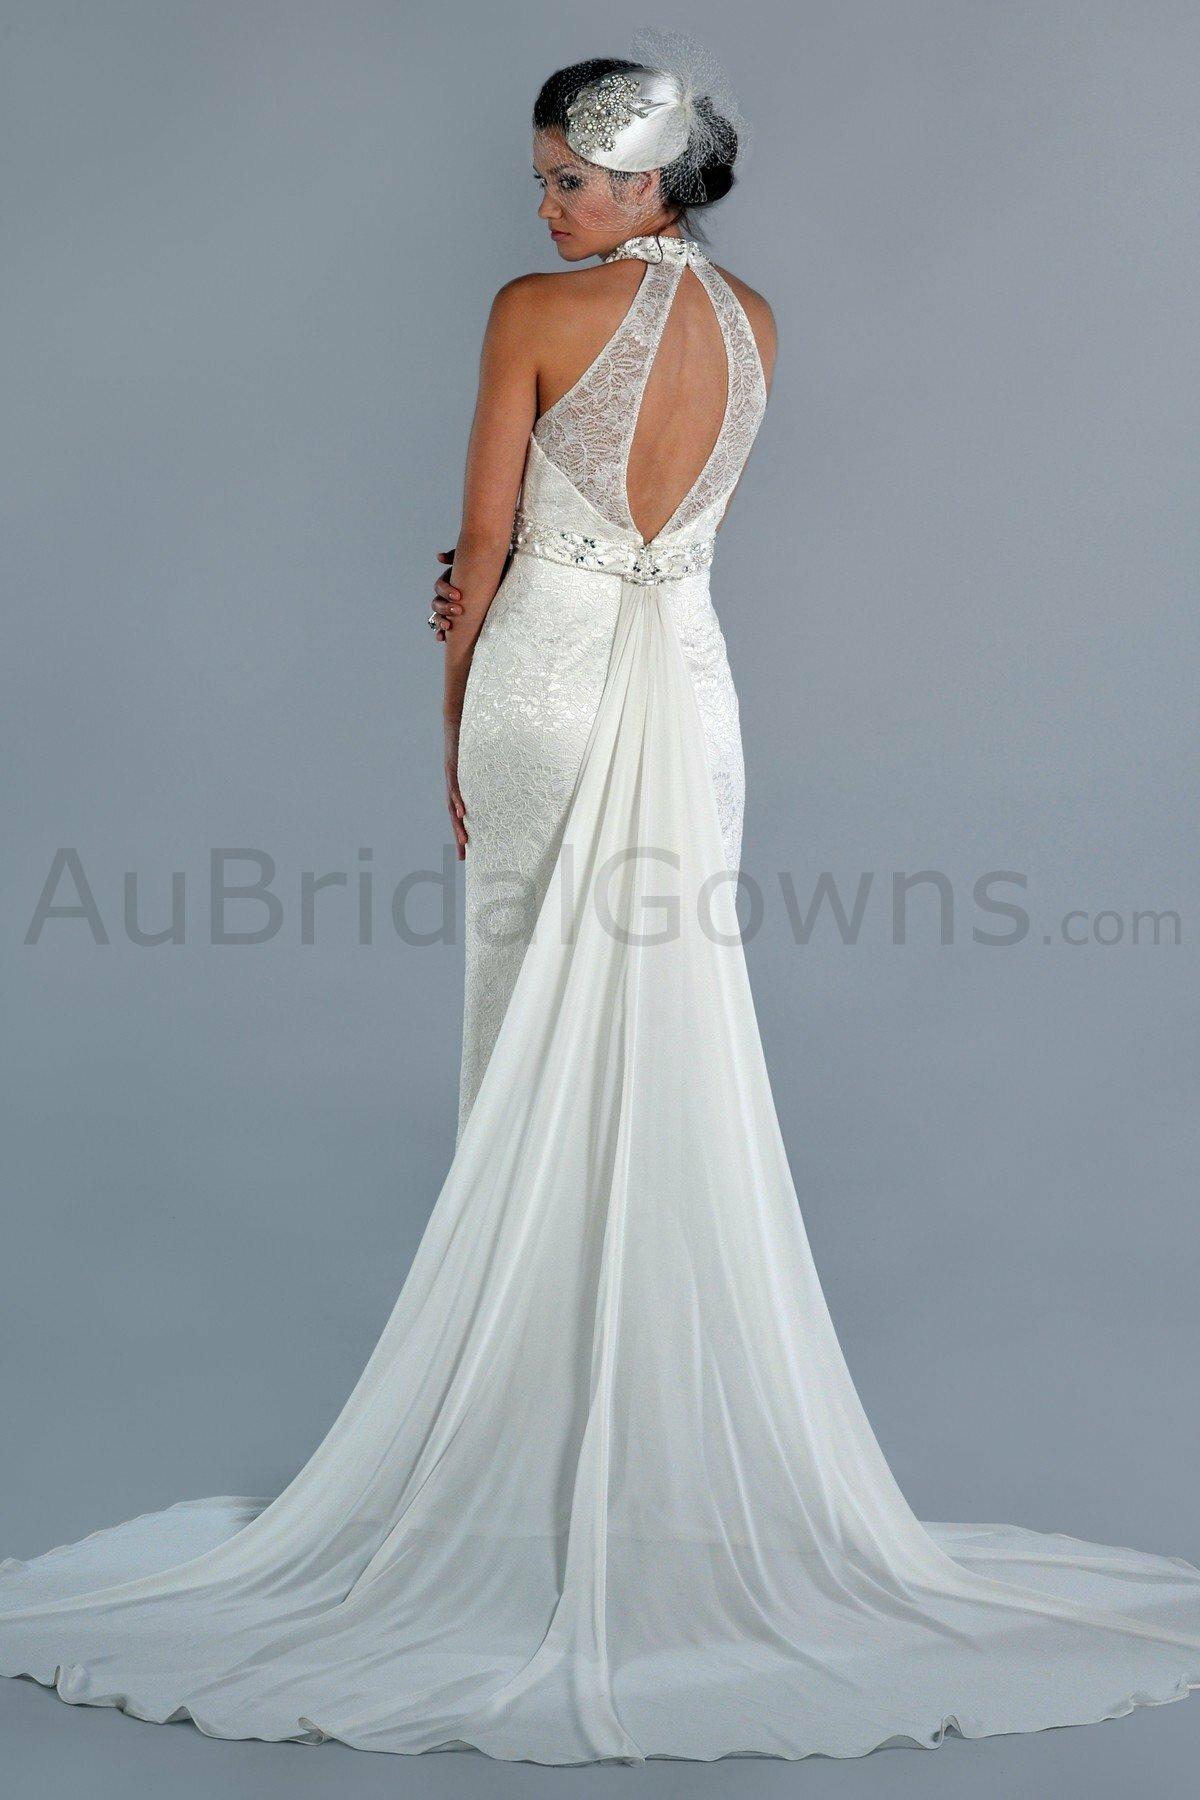 Lace wedding dresses with keyhole back pictures ideas for Wedding dresses with keyhole back